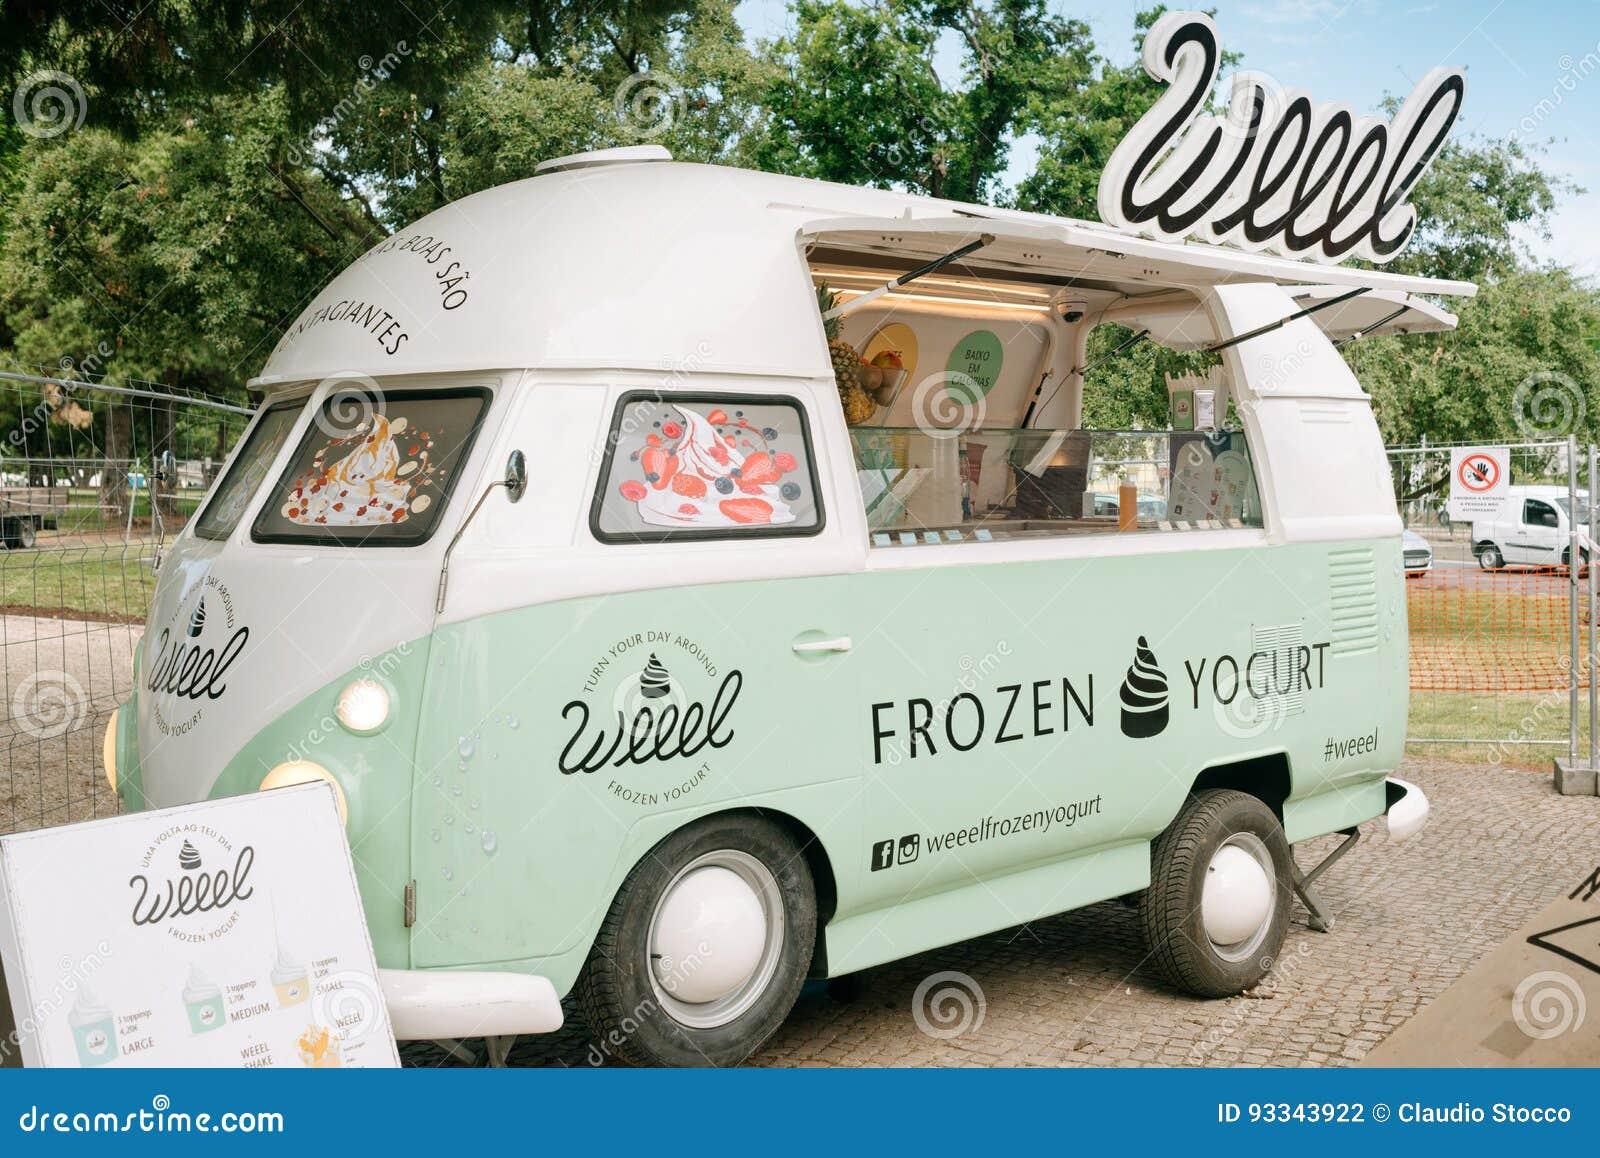 vans frozen yogurt